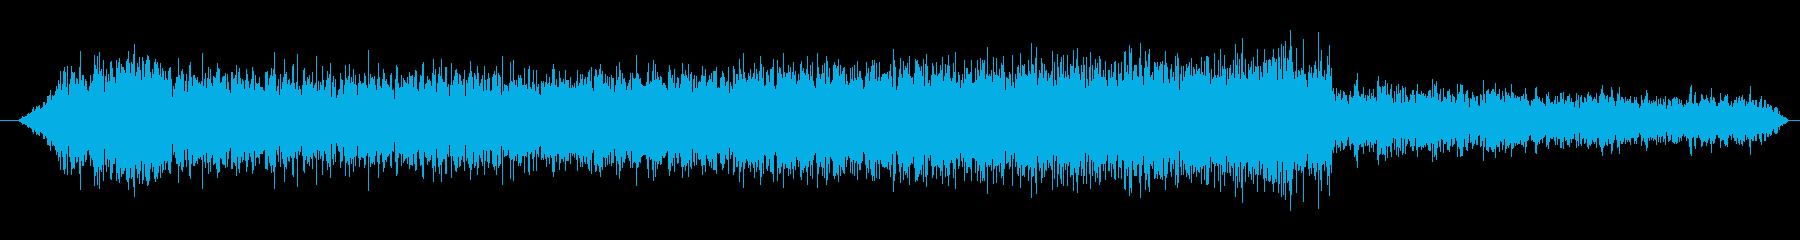 トラック ウラル4320低速加速ア...の再生済みの波形